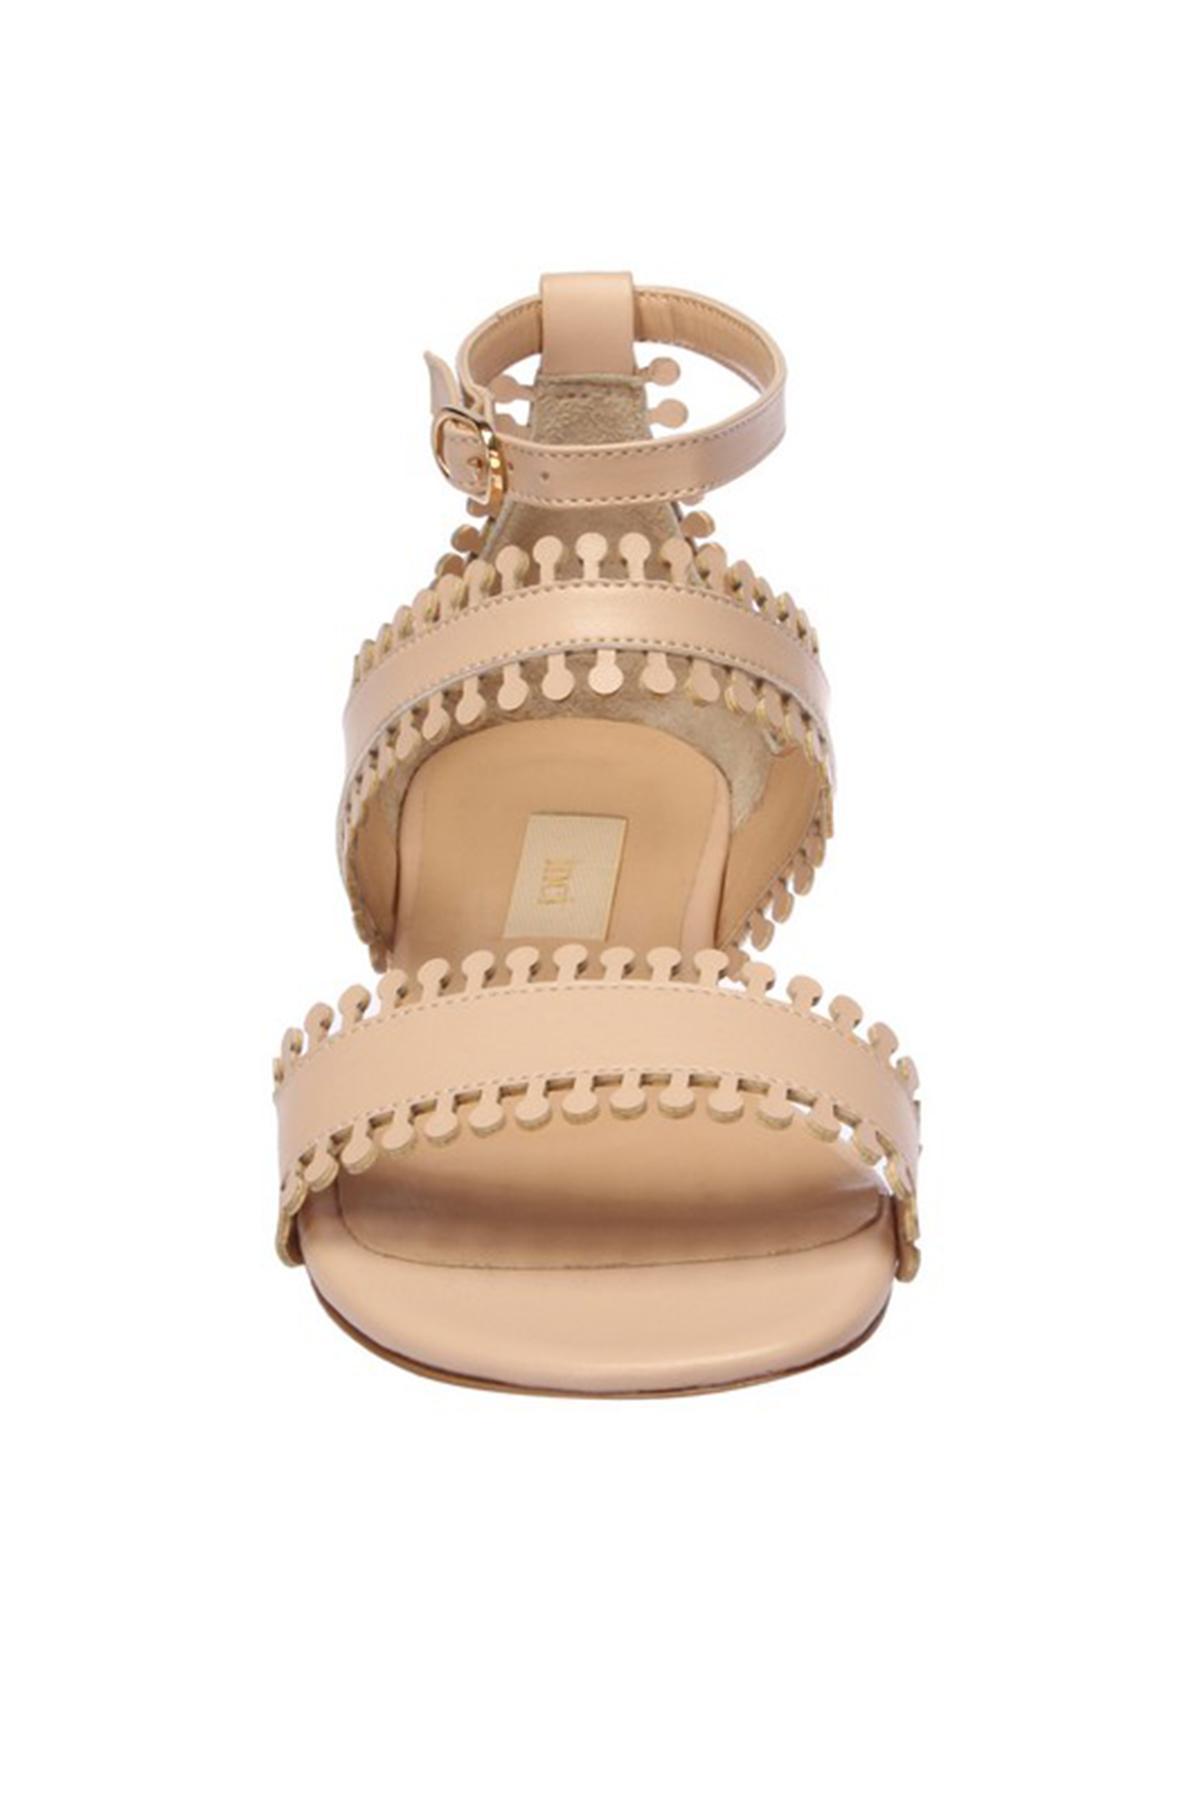 İnci Bej Kadın 'S Sandalet 120130001881